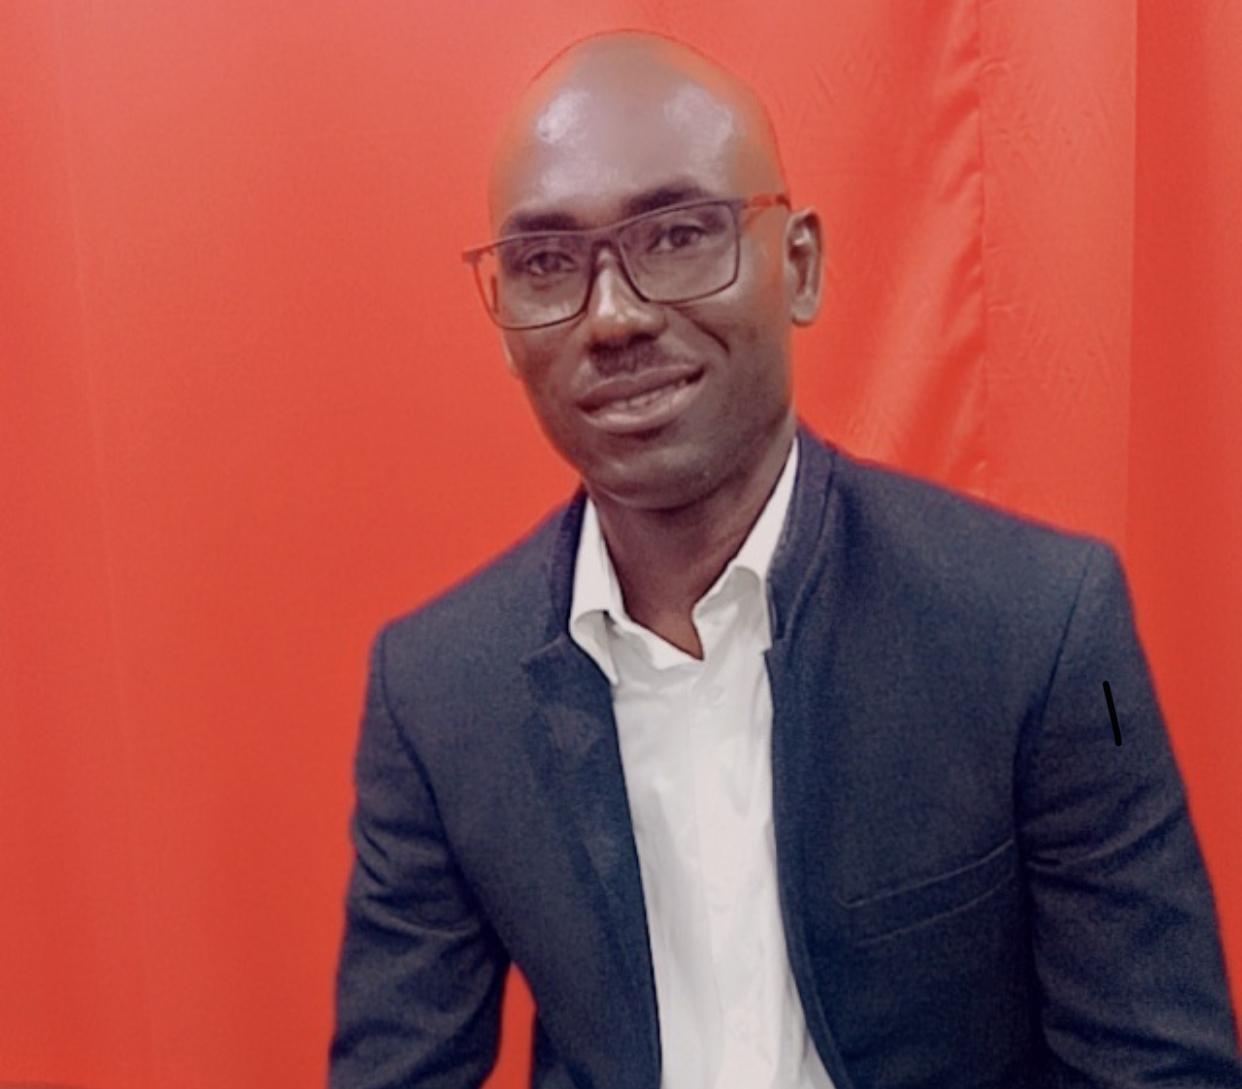 VOTE DU STATUT DE L'ARTISTE : Symbole de l'importance de la culture dans un pays. (Ndatté Diop journaliste, Président de l'Association de la Presse Culturelle du Sénégal)